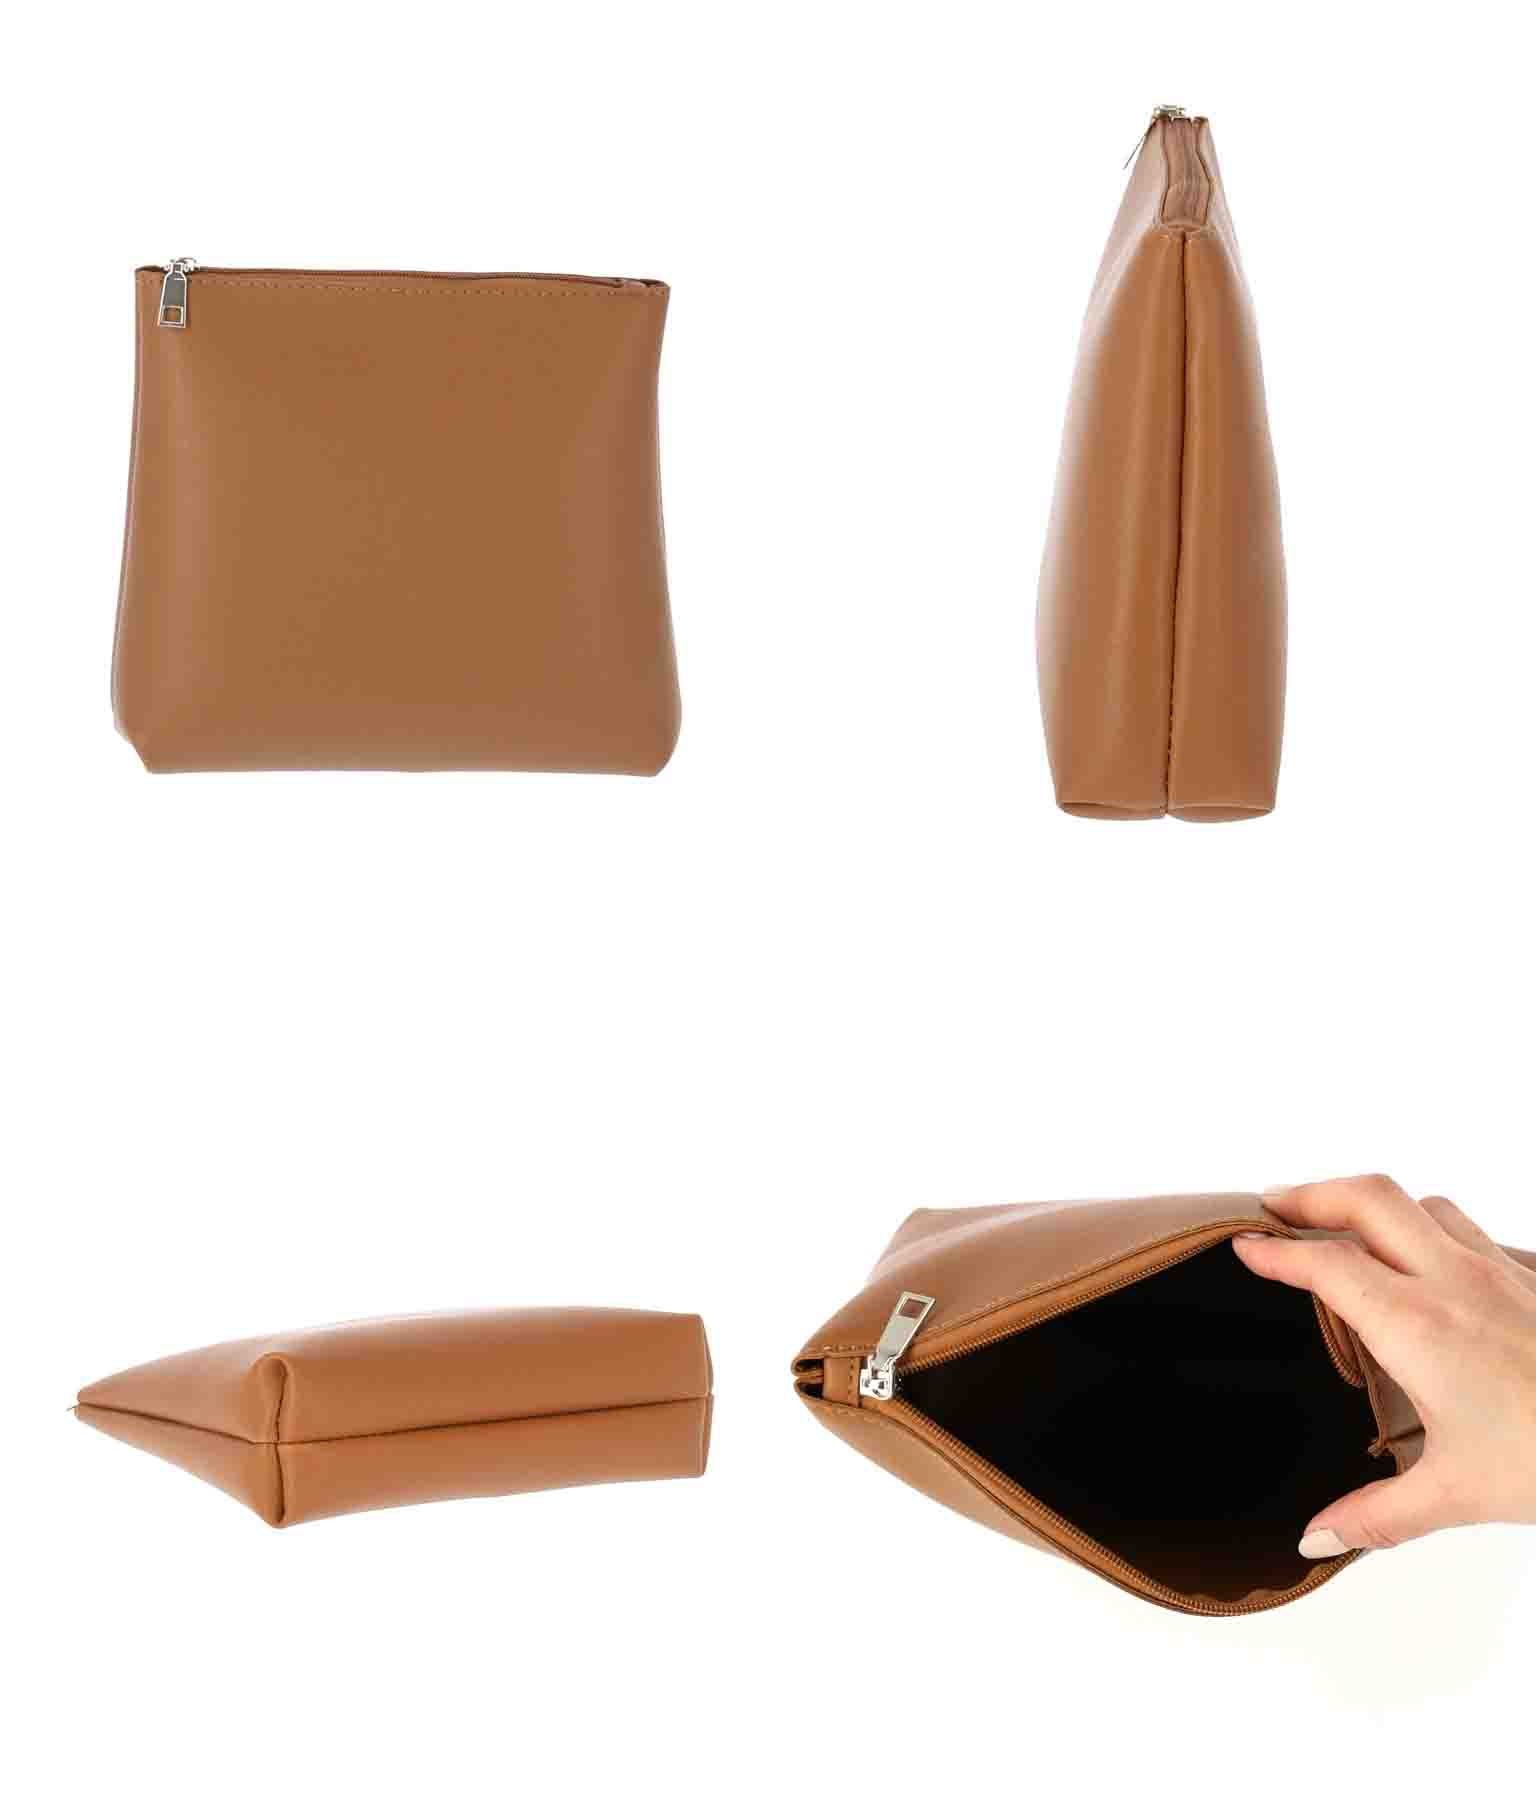 ポーチ付きフェイクレザーカットワークバッグ(バッグ・鞄・小物/ハンドバッグ) | ANAP